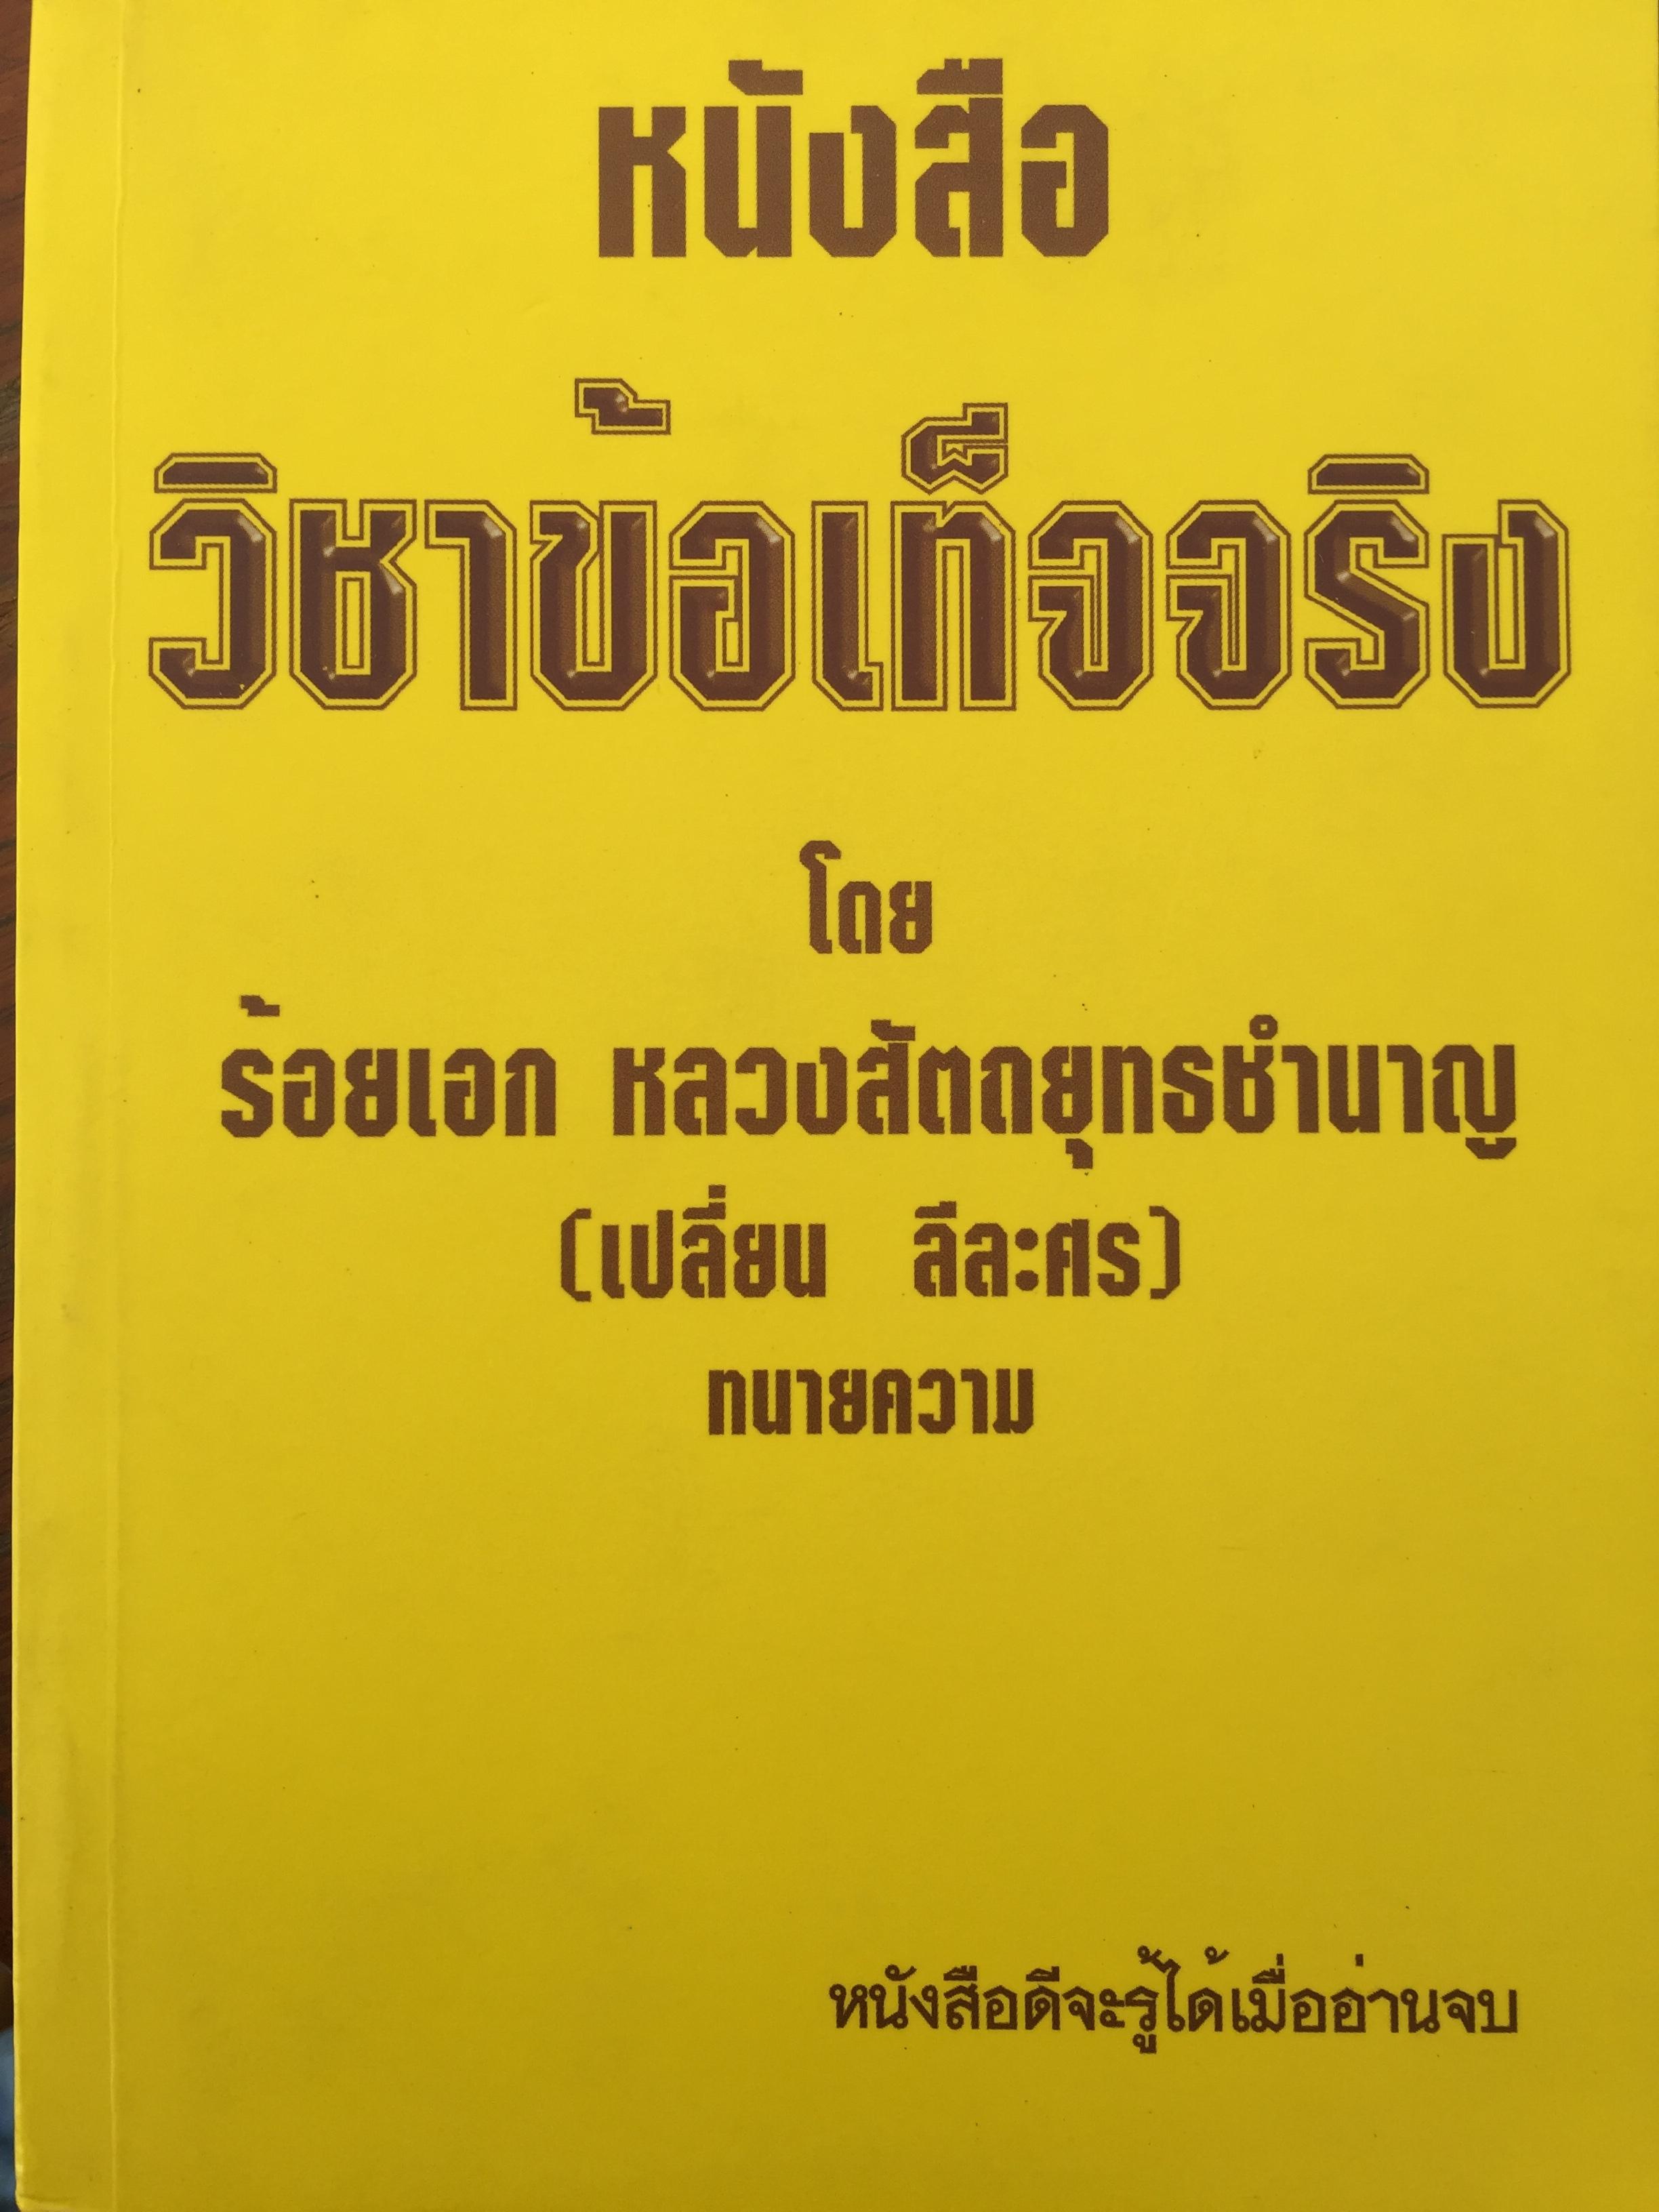 หนังสือวิชาข้อเท็จจริง โดย ร้อยเอก หลวงสัตถยุทธชำนาญ (เปลี่ยน ลีละศร) ทนายความ